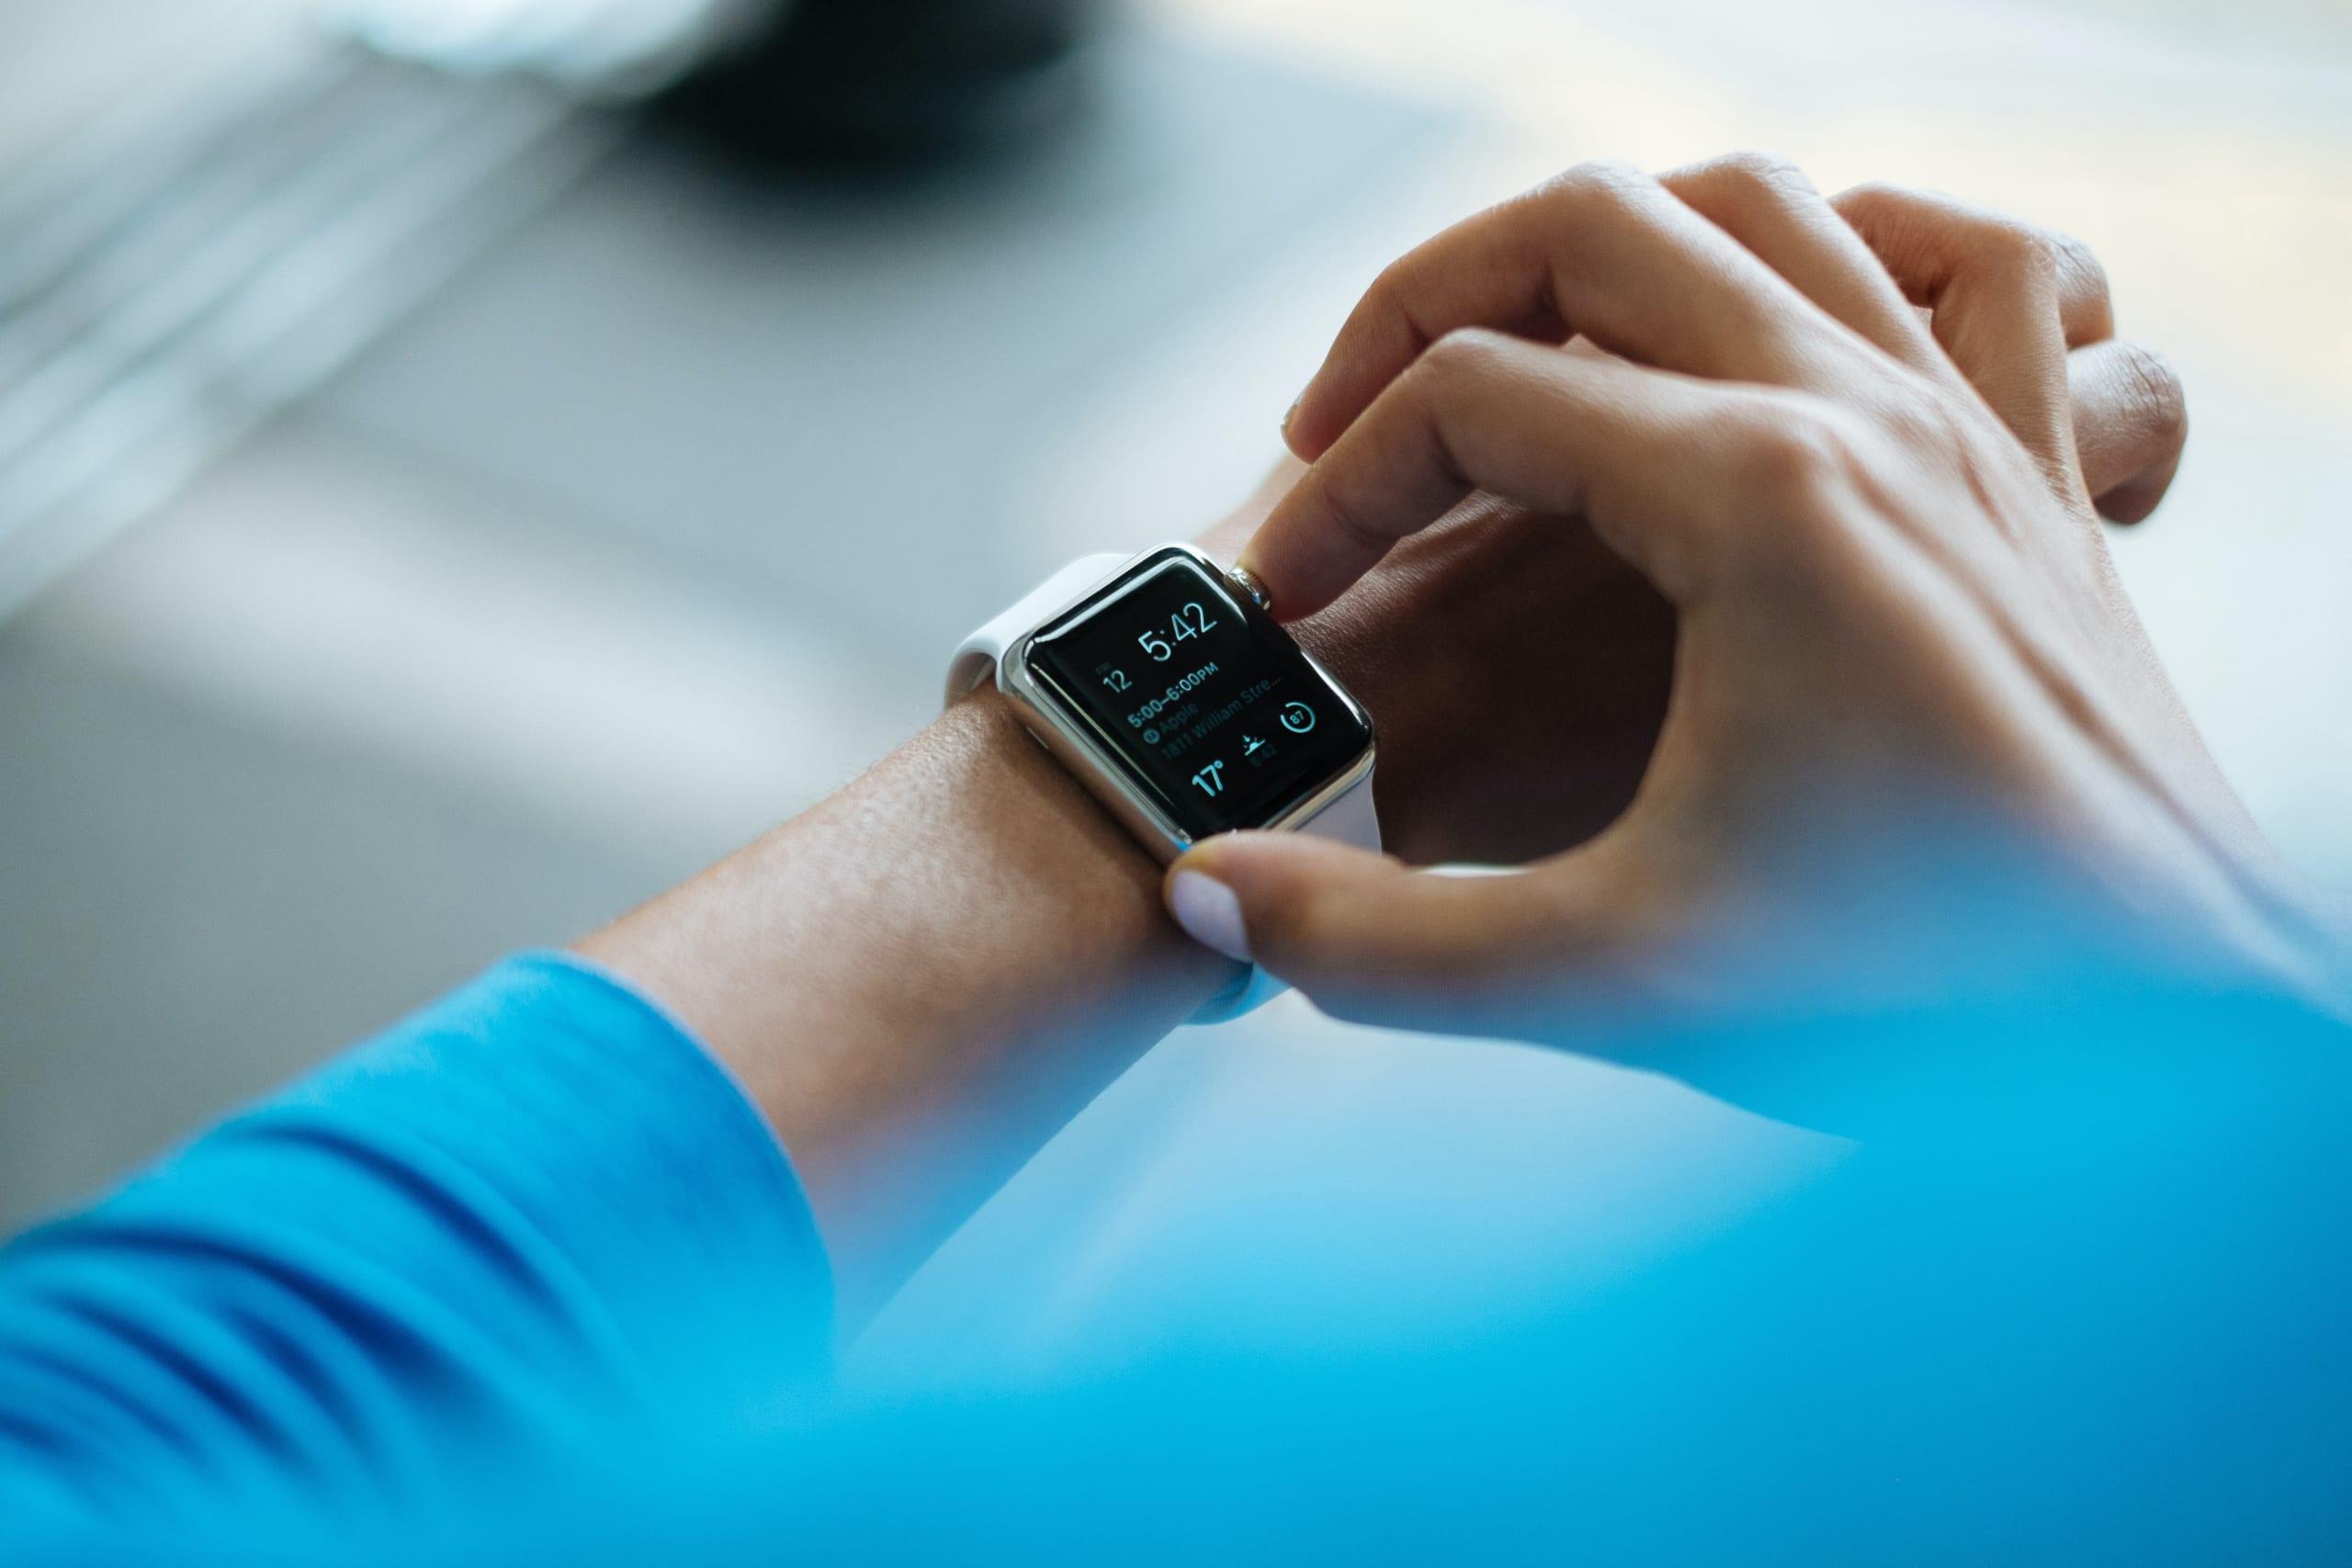 【売り切れ御免】Amazonプライムデーで最新Apple Watch Series 6が4万円台で買えるって本当?